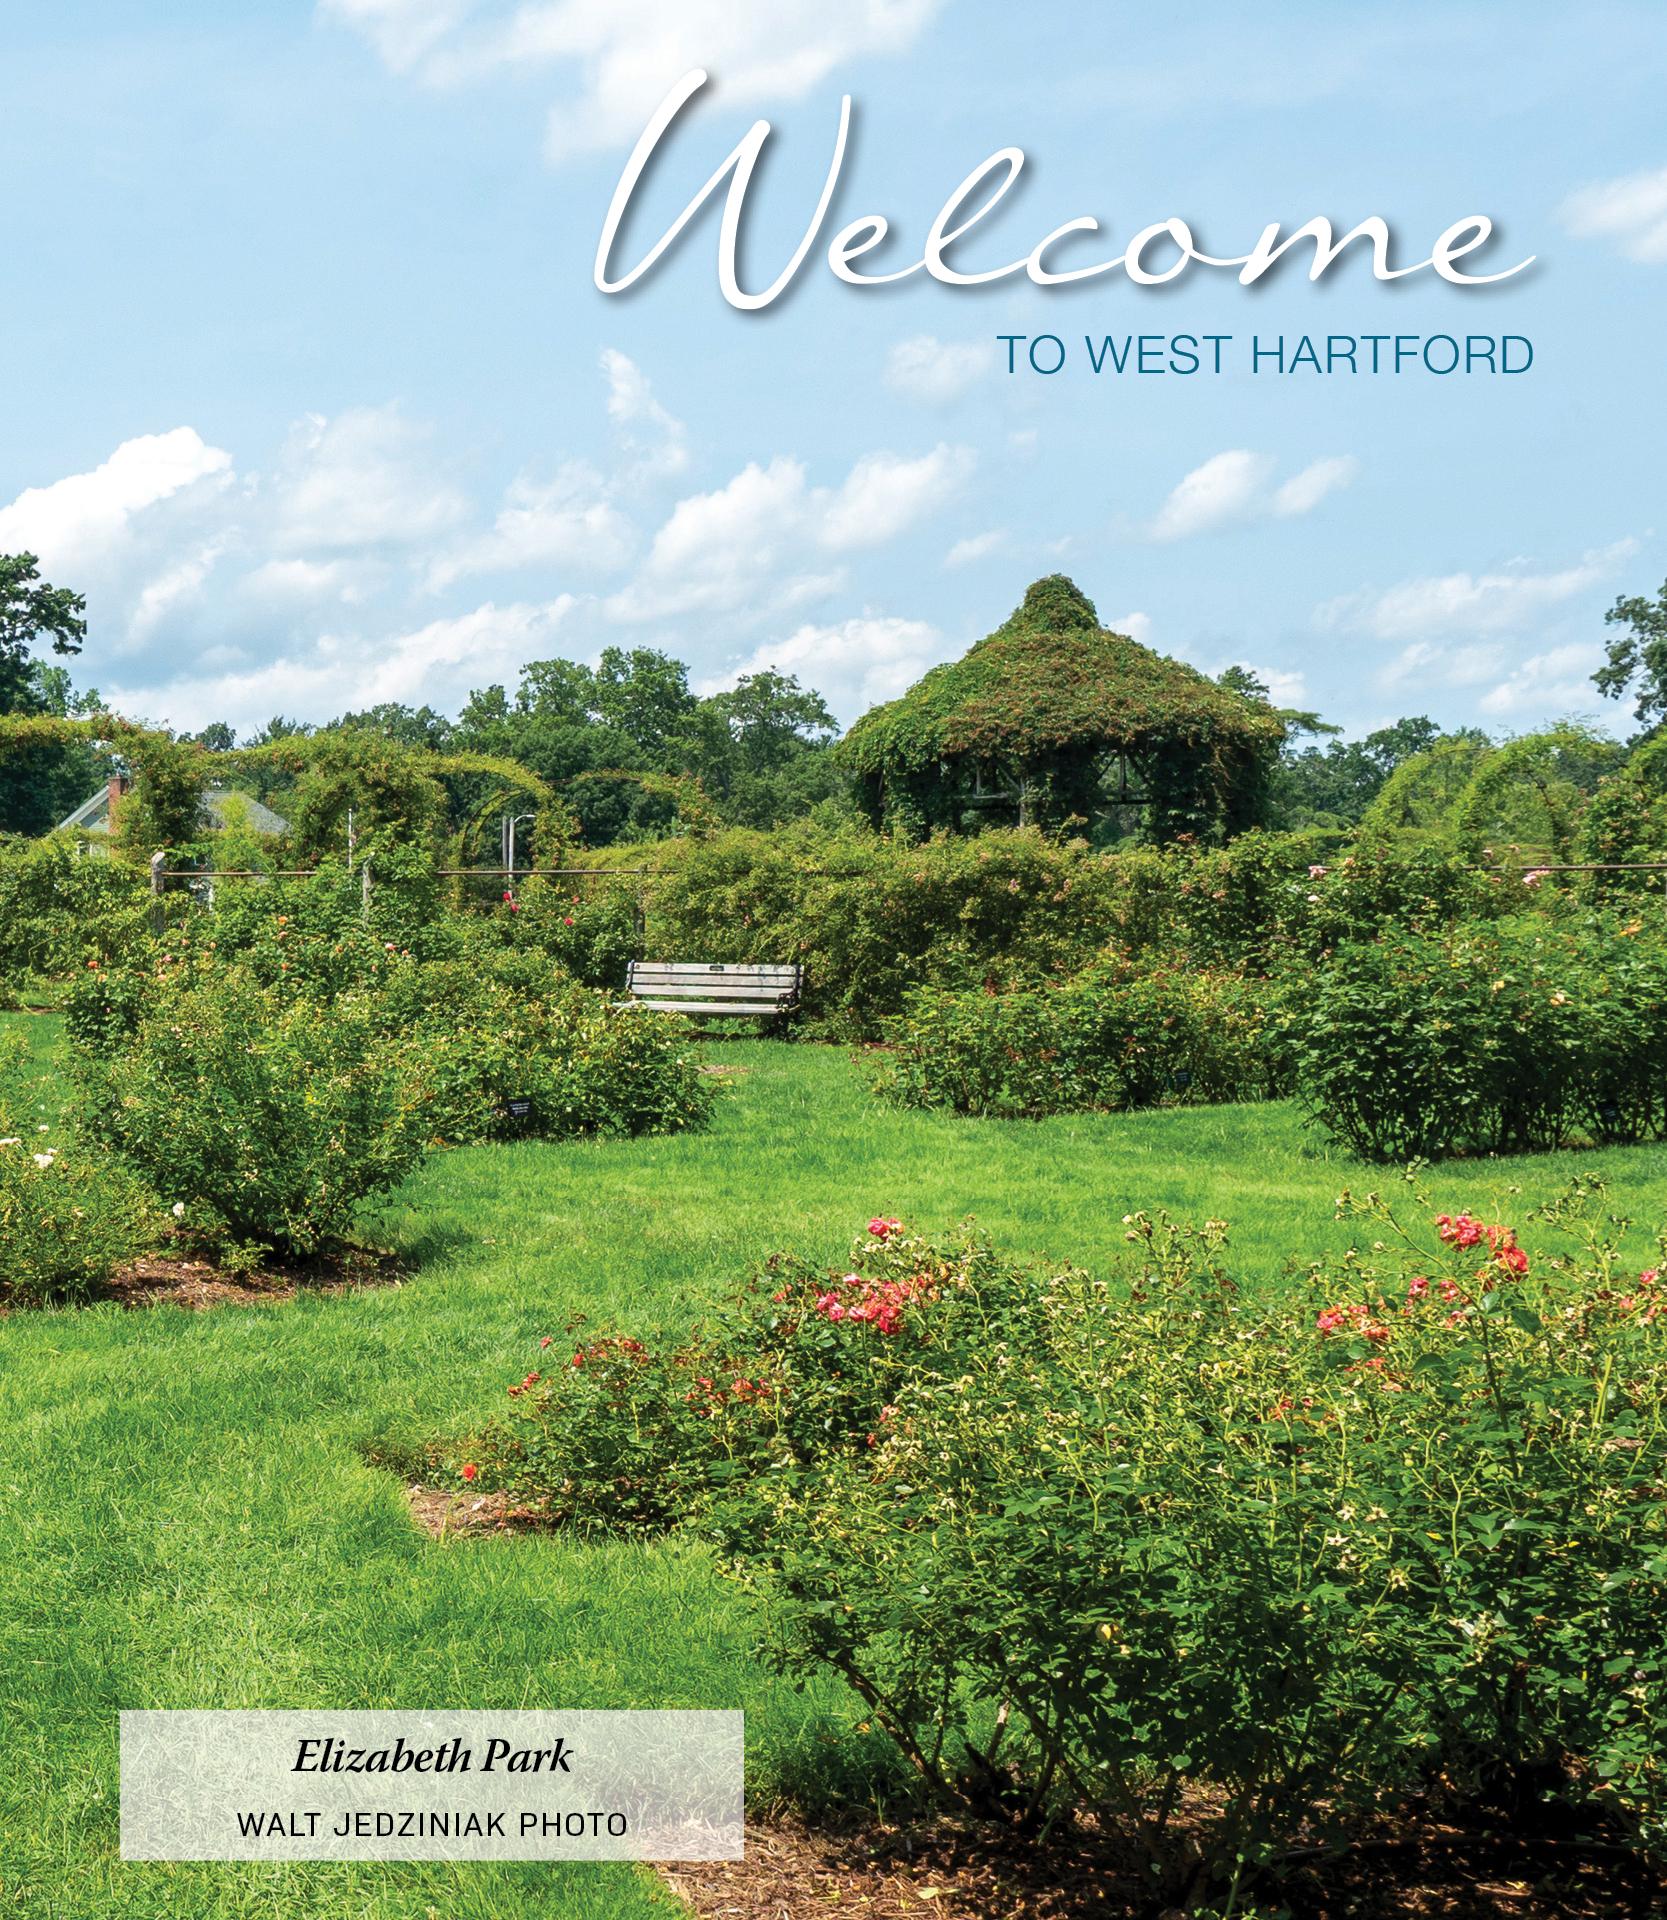 The West Hartford Book 2019 West Hartford Ct Restaurants